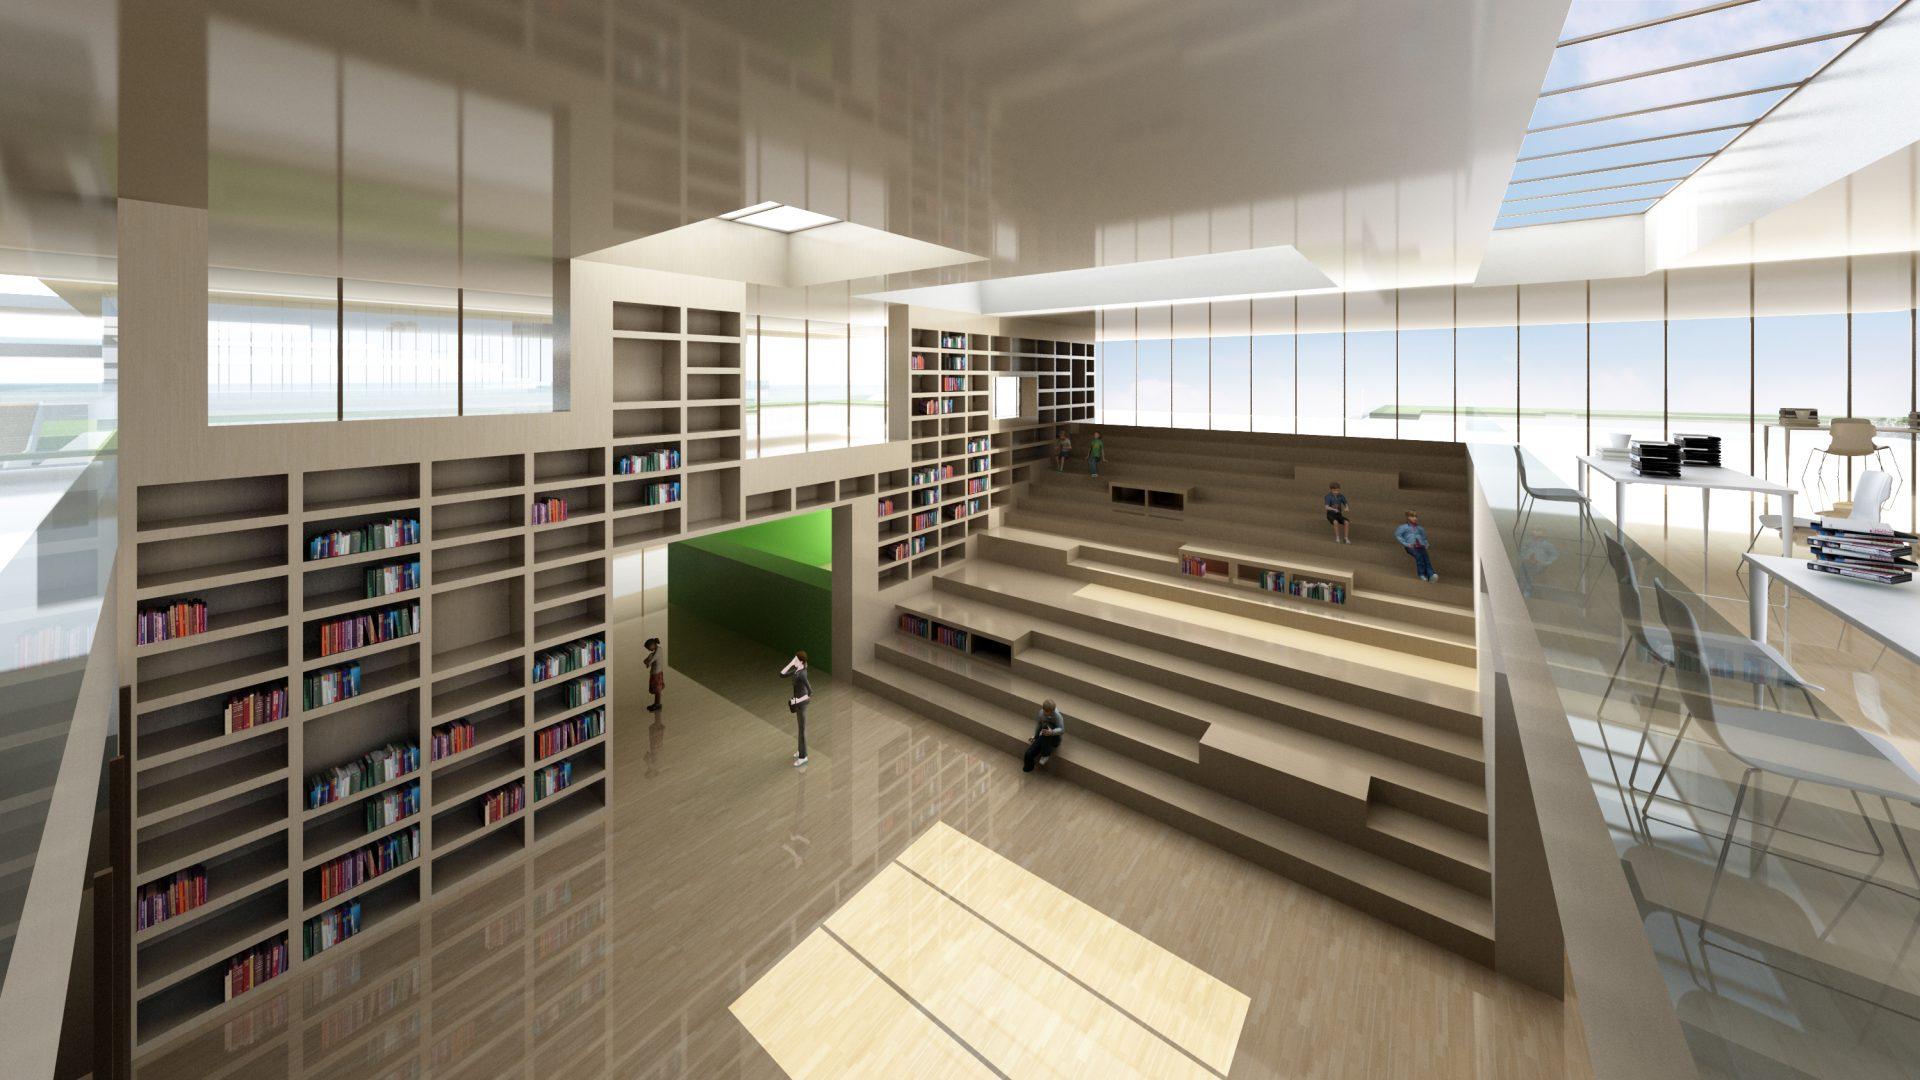 školske zgrade 001 3d model max 204945